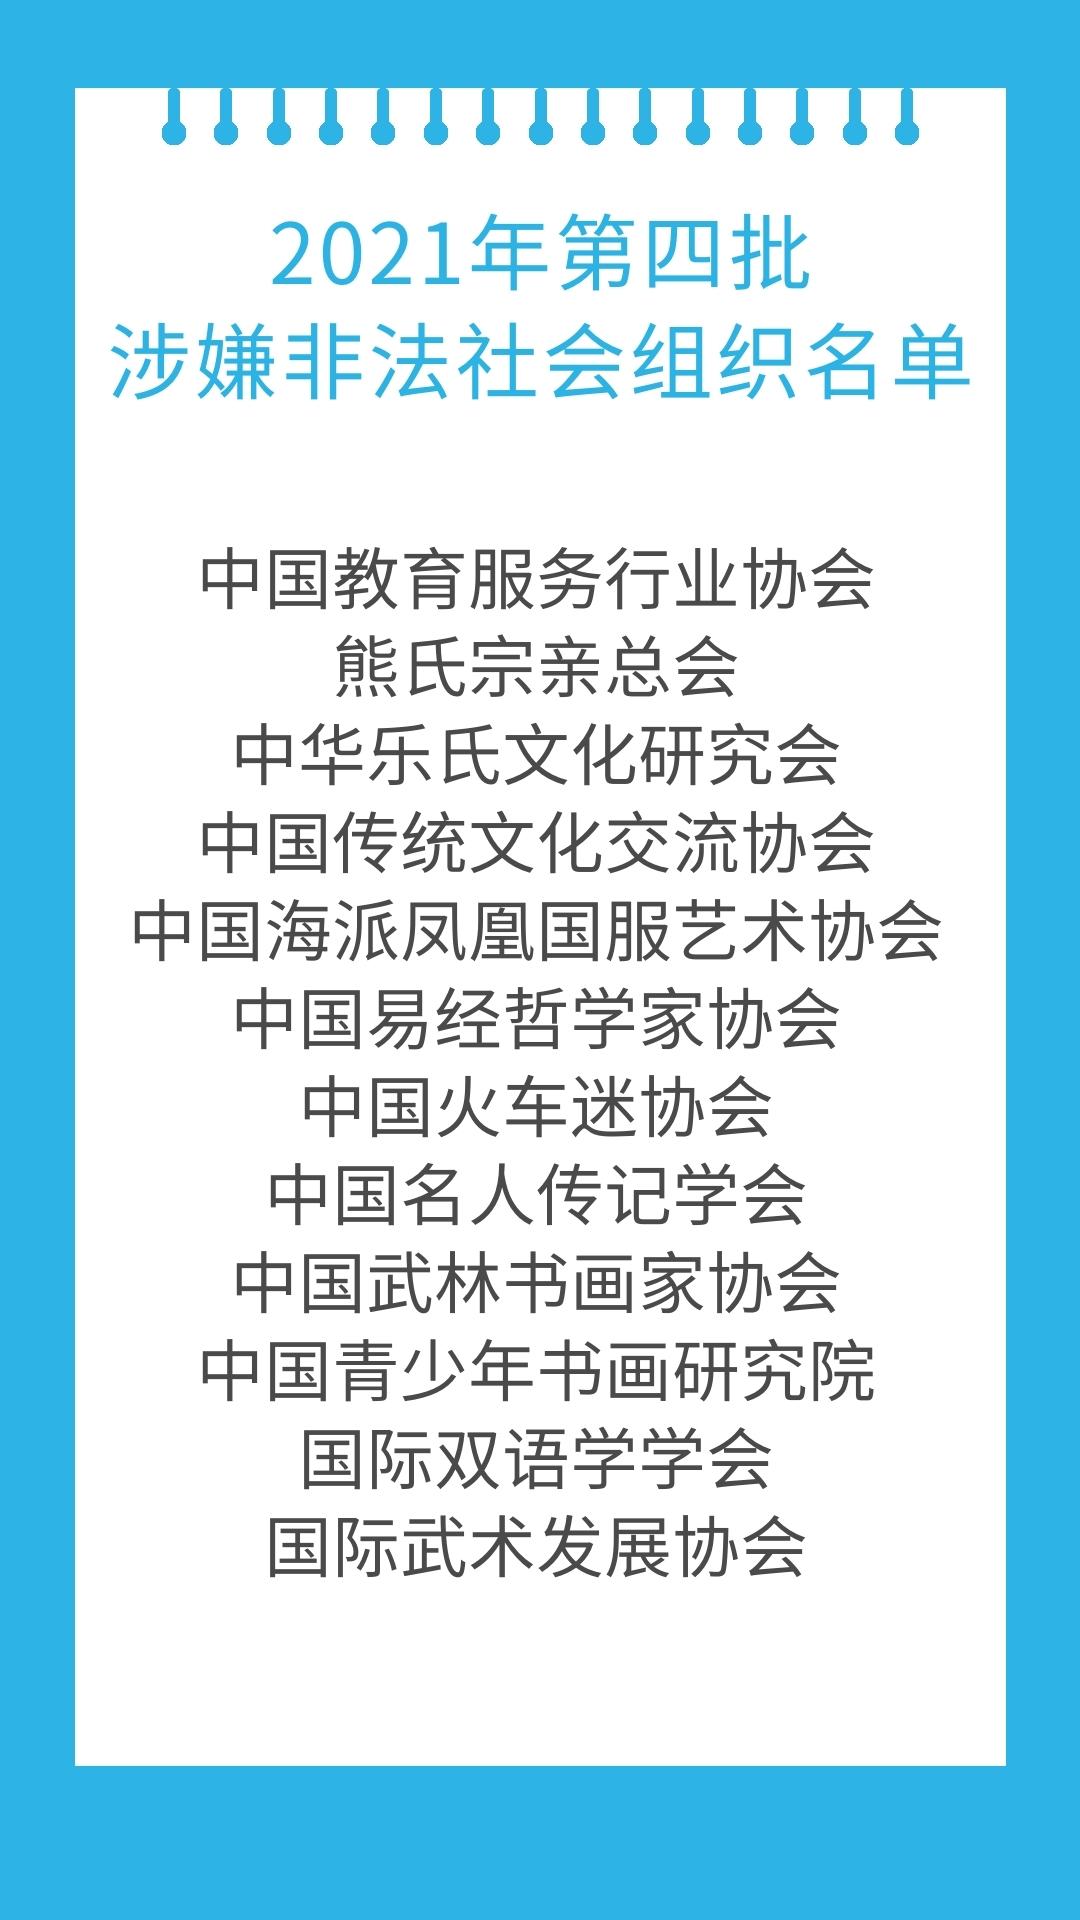 中国教育服务行业协会……第四批涉嫌非法社会组织名单公布